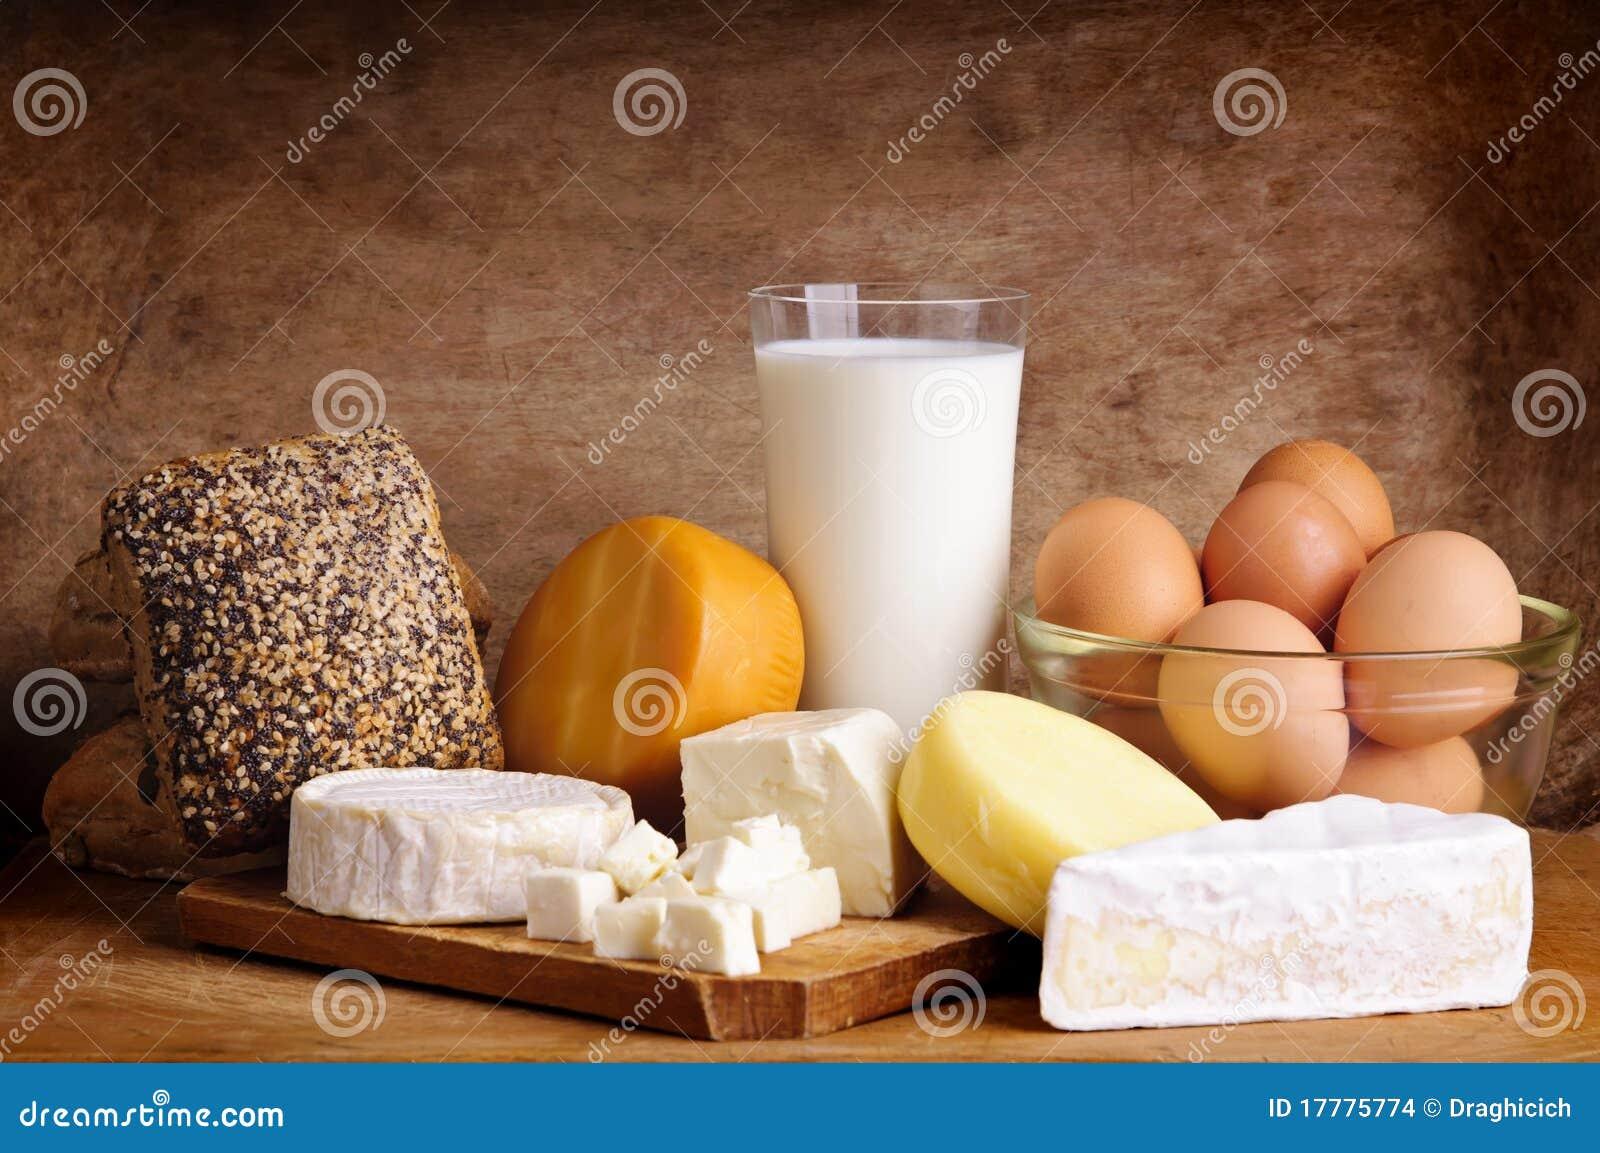 Fromage, pain, lait et oeufs